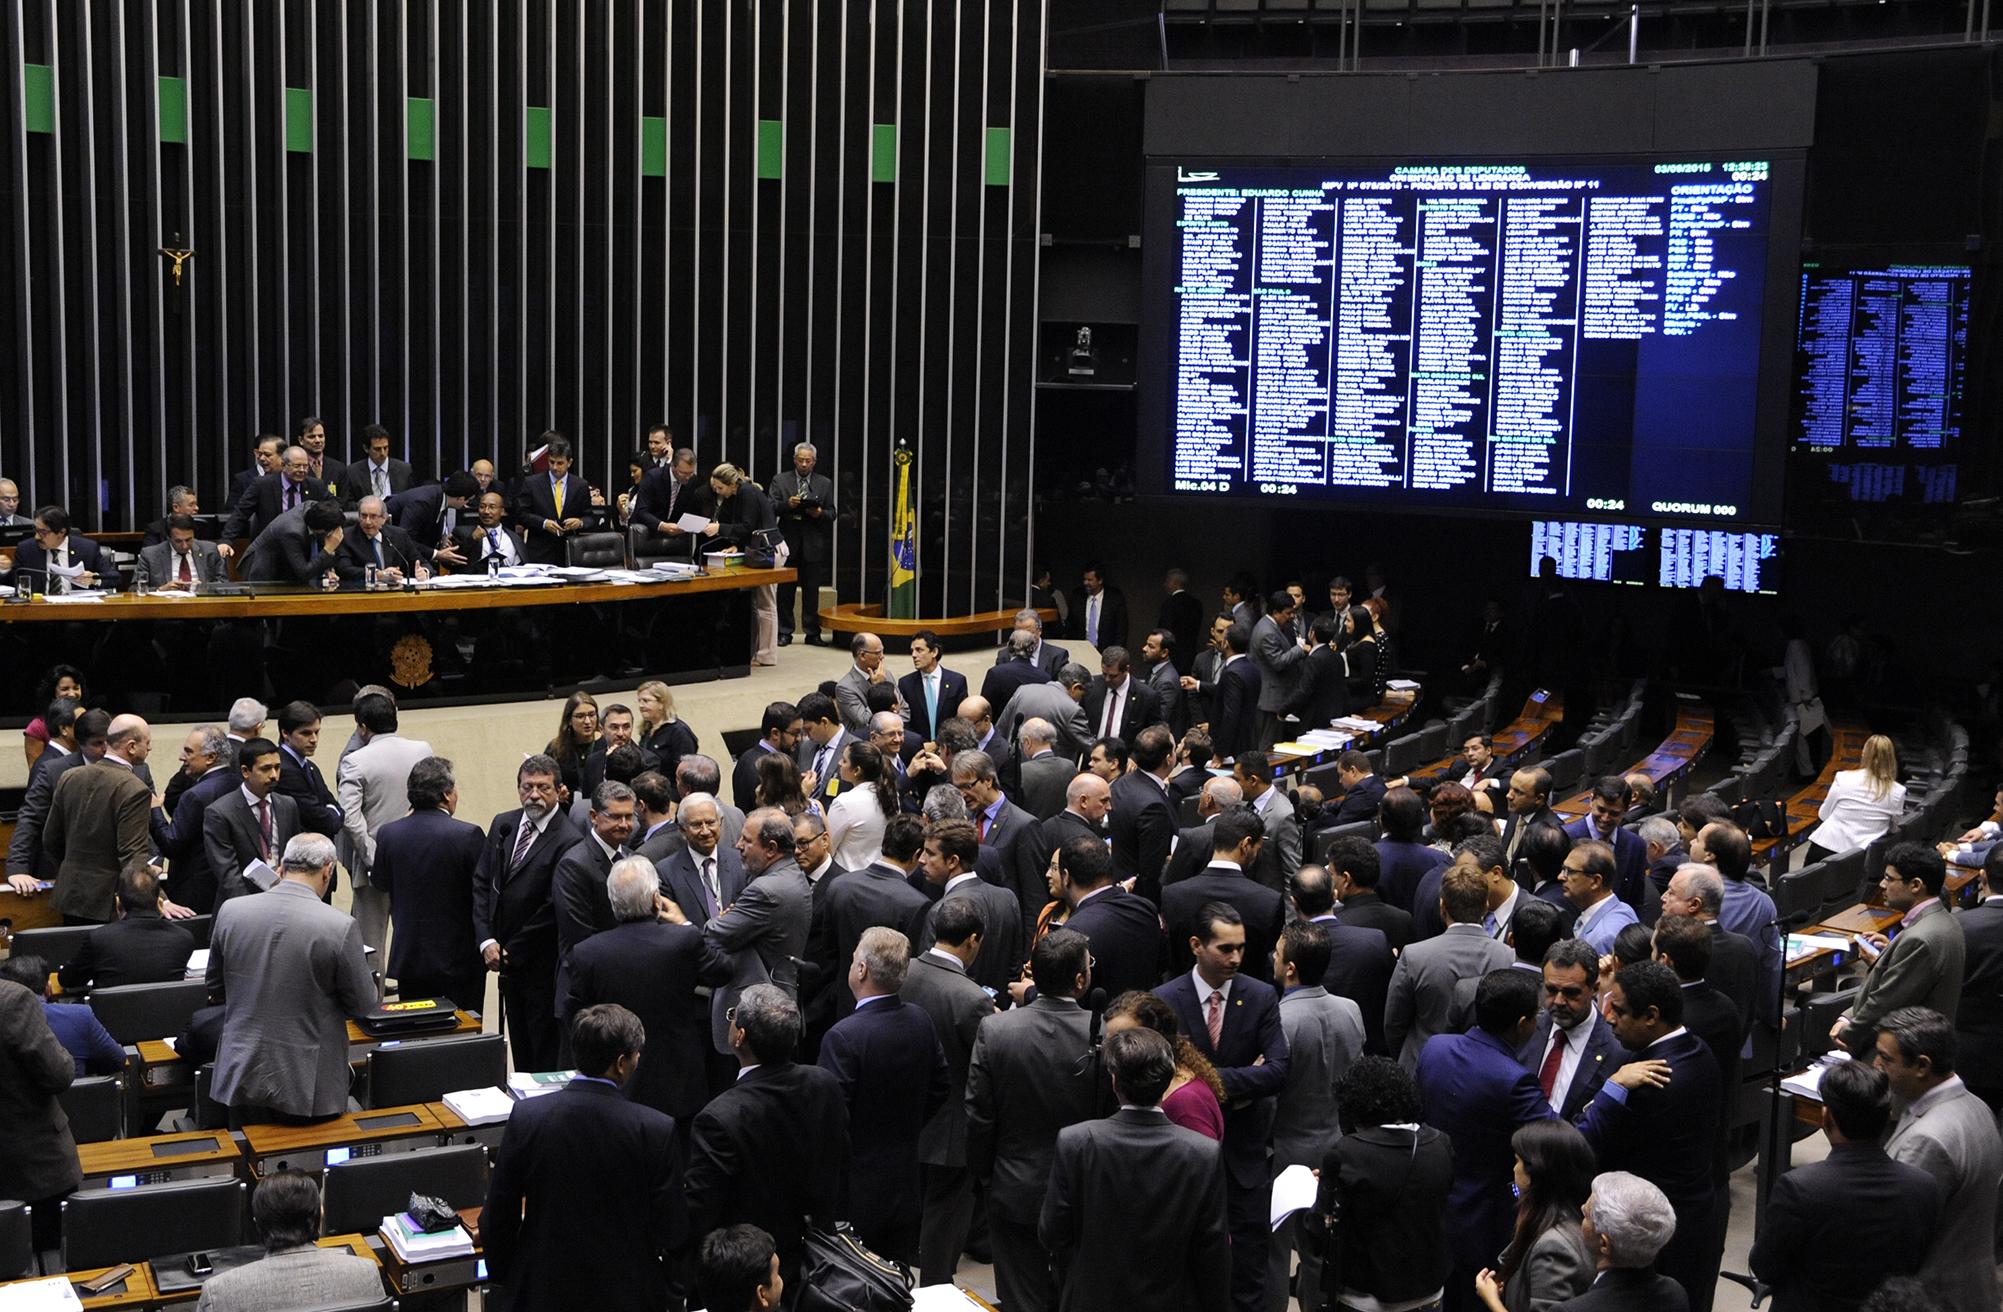 Deputados aprovam pacotão bilionário de aumentos ao funcionalismo